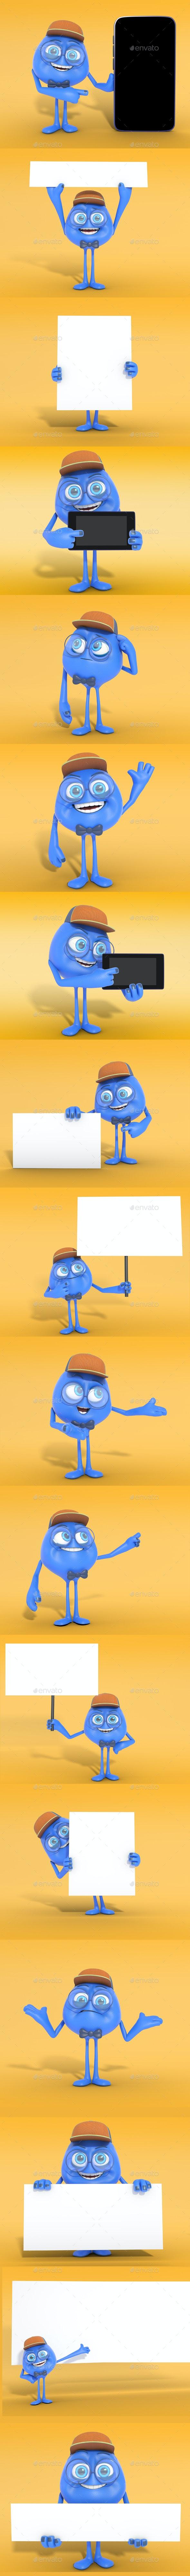 Cute Cartoon 3D Character Mascot Renders PSD - Characters 3D Renders